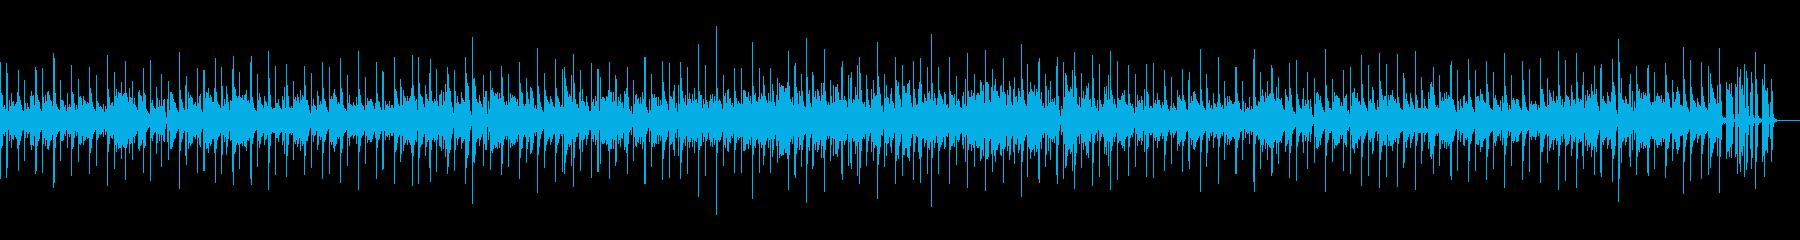 のんびりブランチをしてる雰囲気のボサノバの再生済みの波形